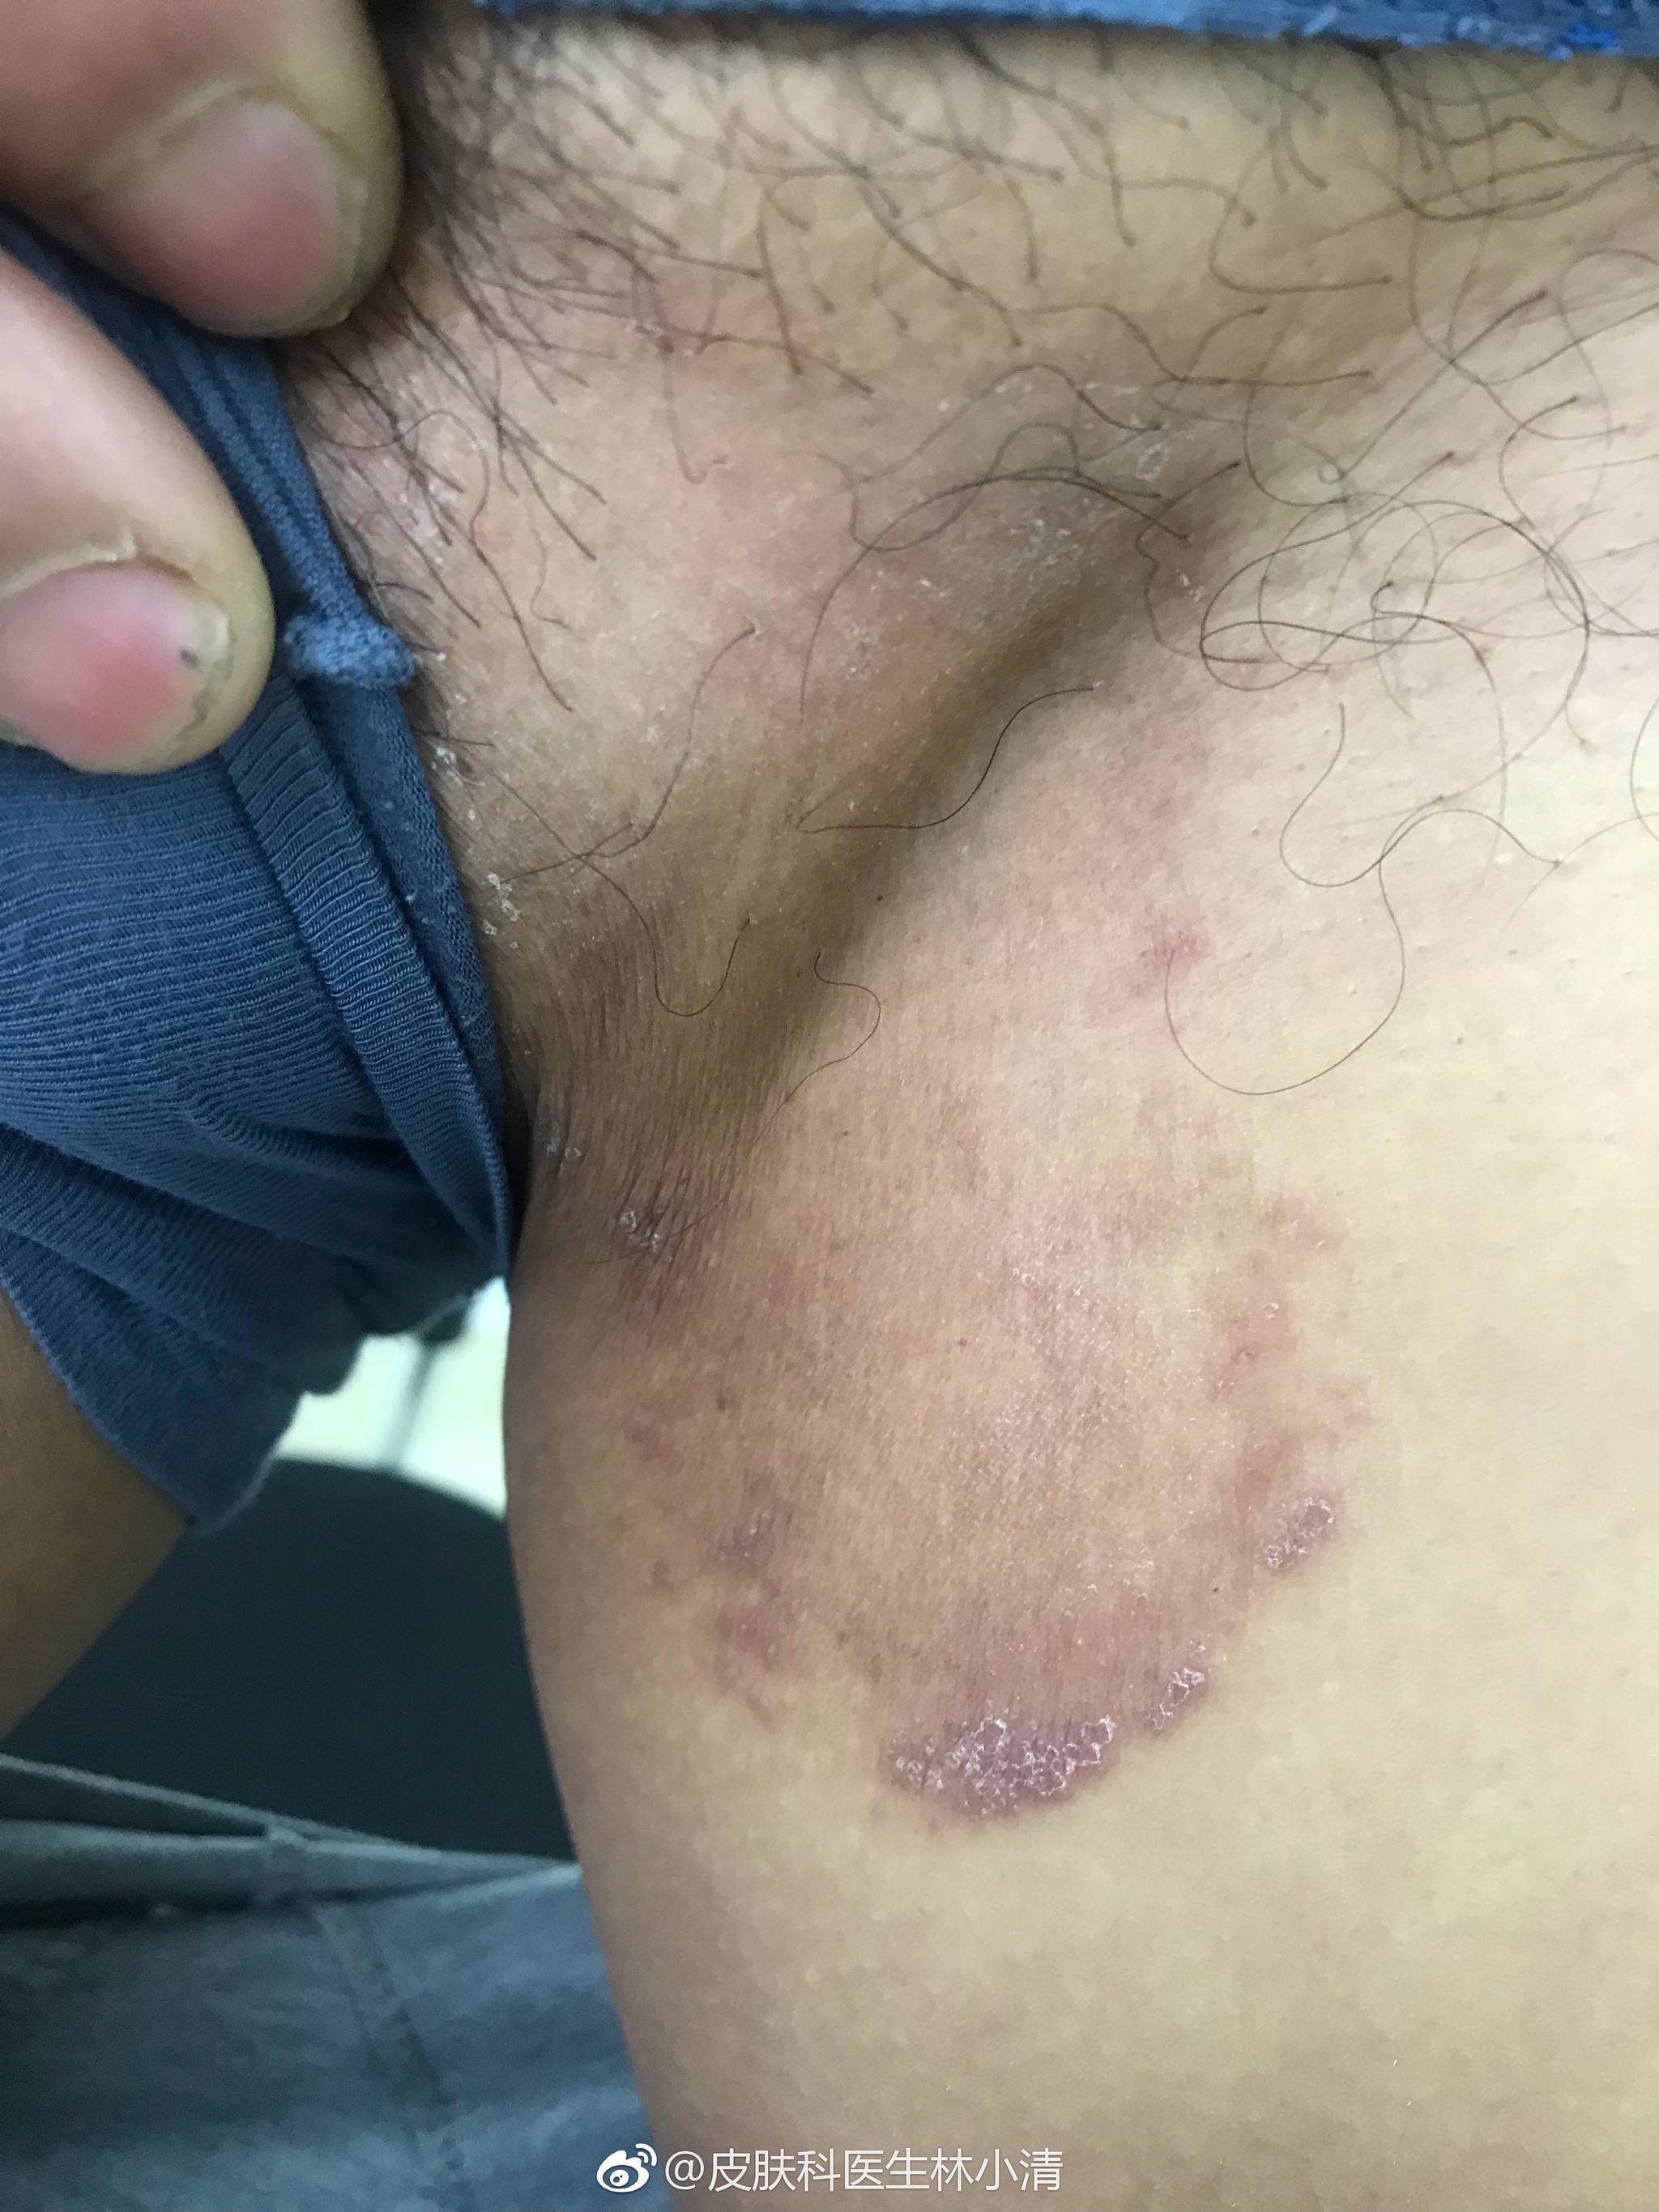 股癣,为真菌感染性疾病,有传染性,好发于腹股沟、臀部等